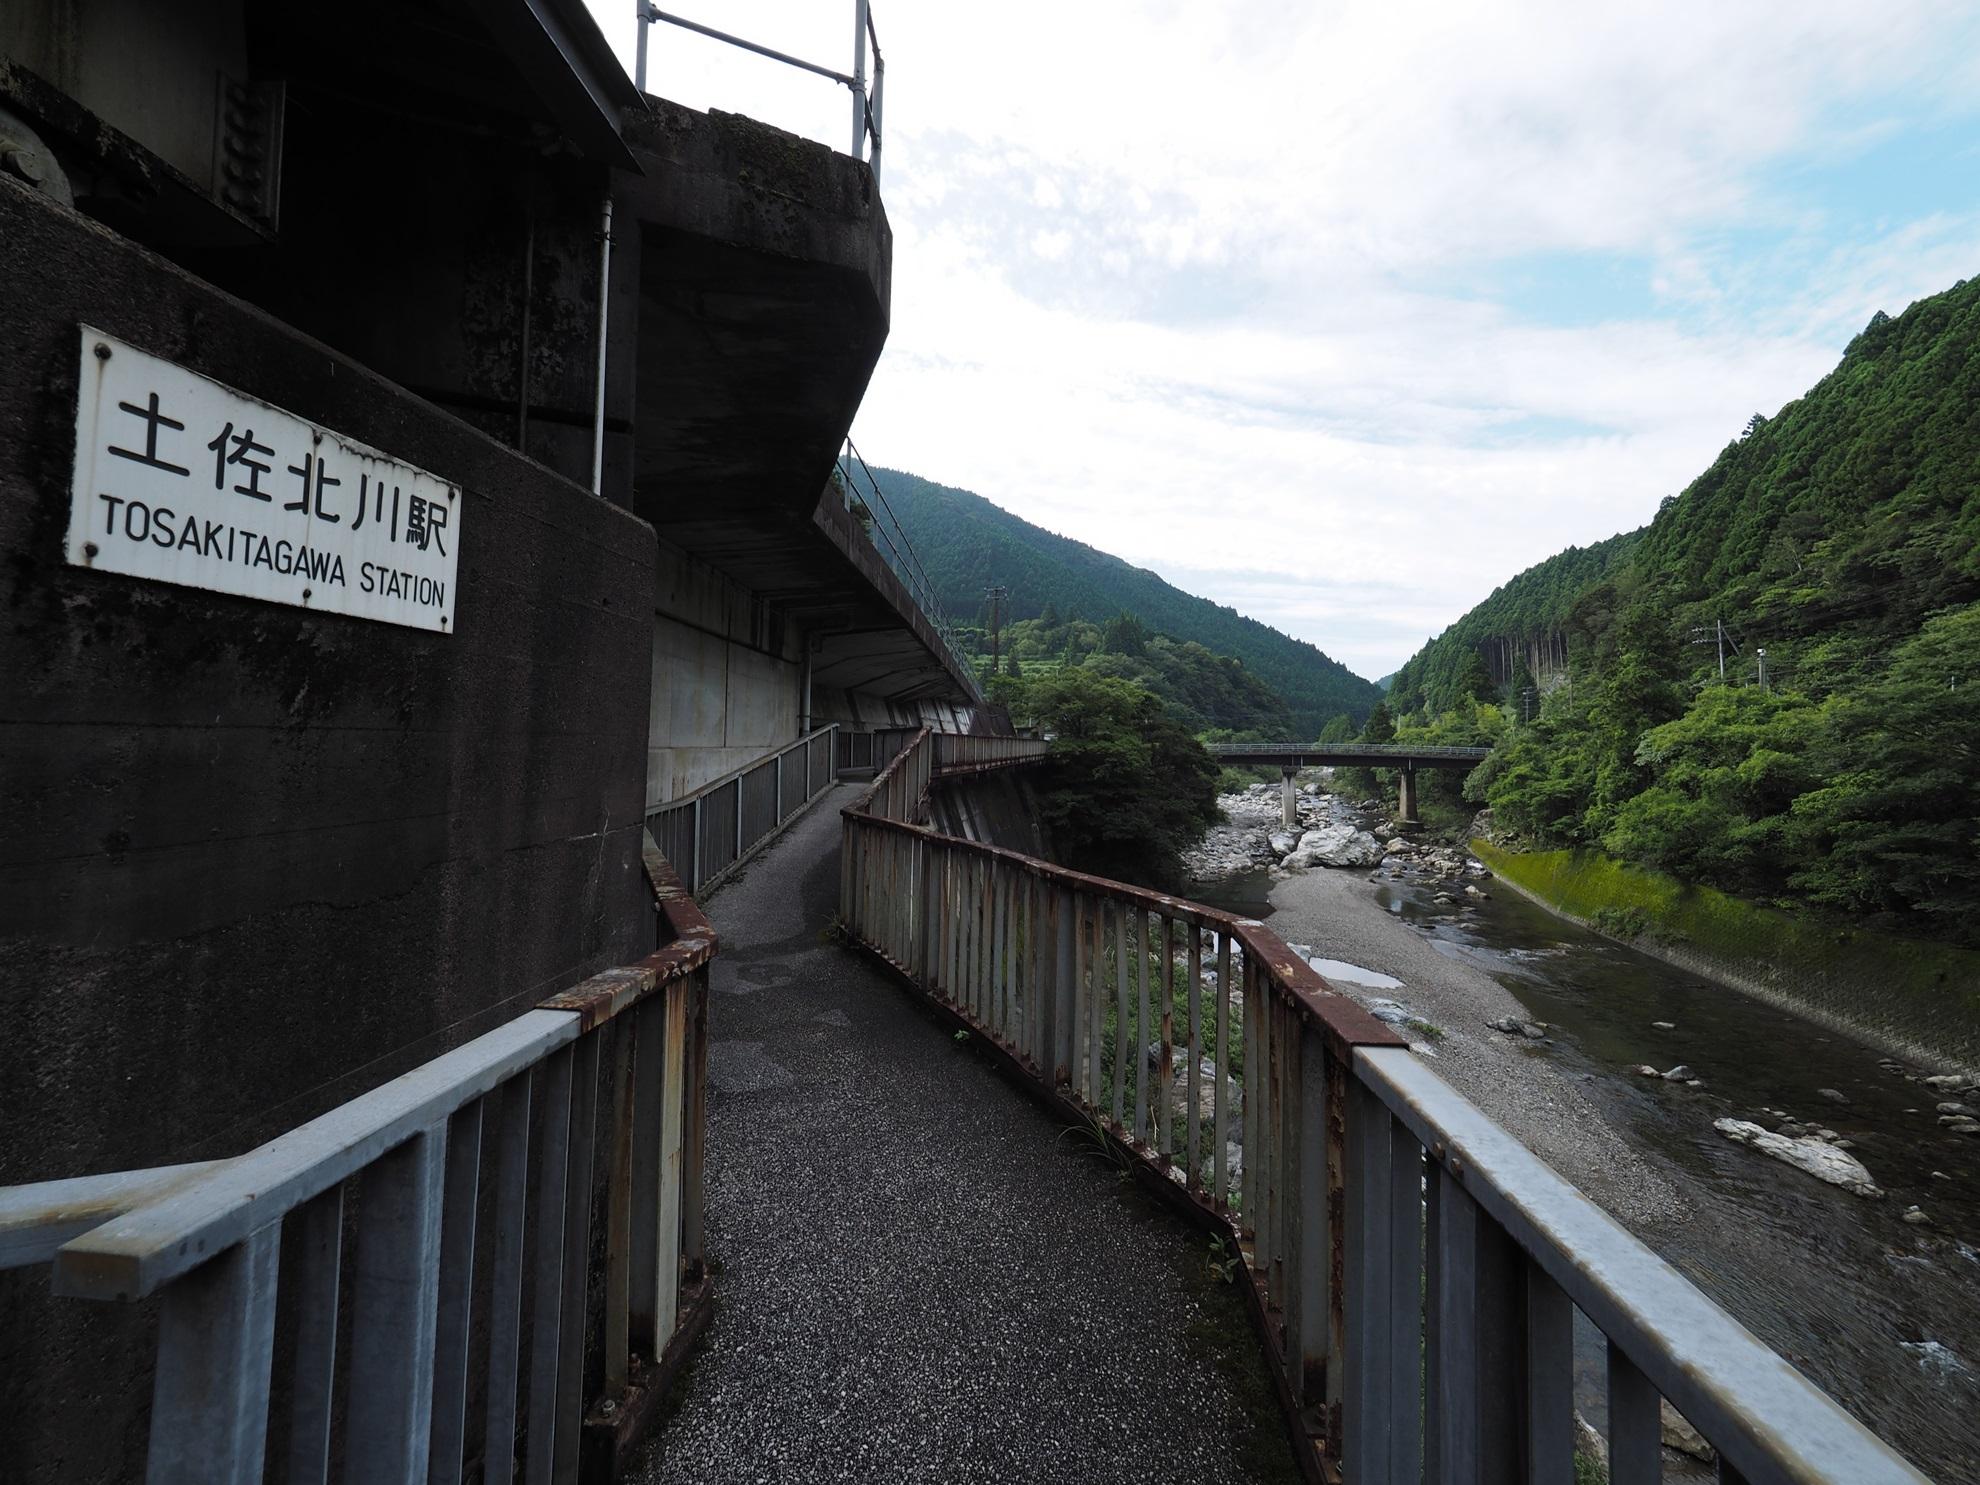 土佐北川駅 通路